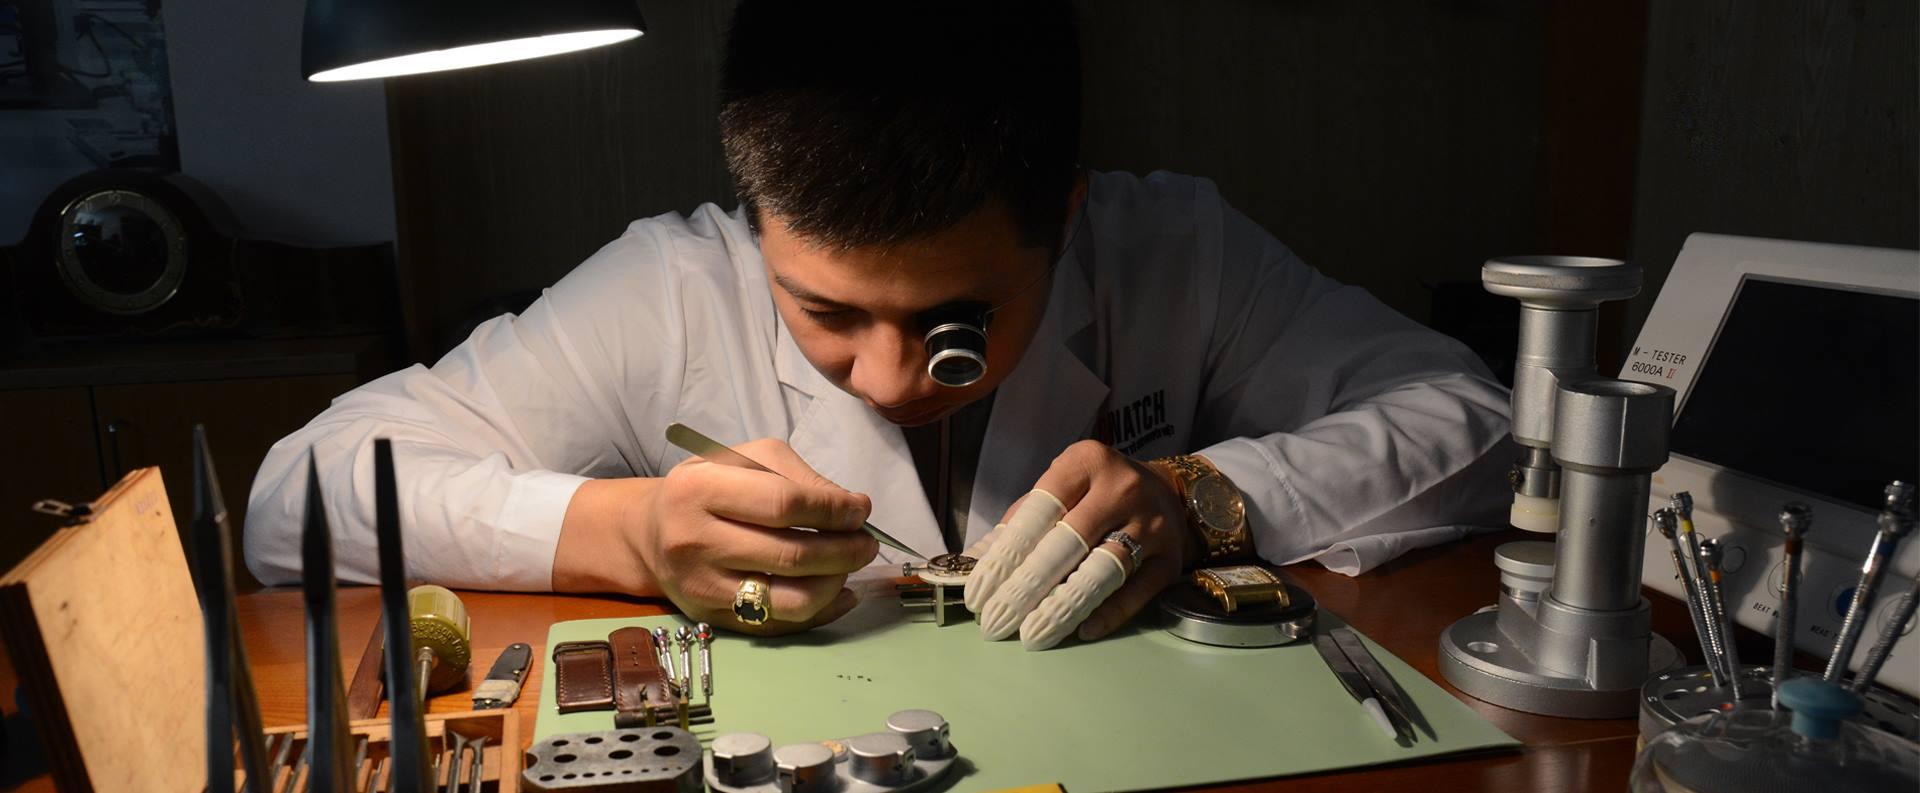 Học nghề sửa chữa đồng hồ ở đâu Hà Nội uy tín?